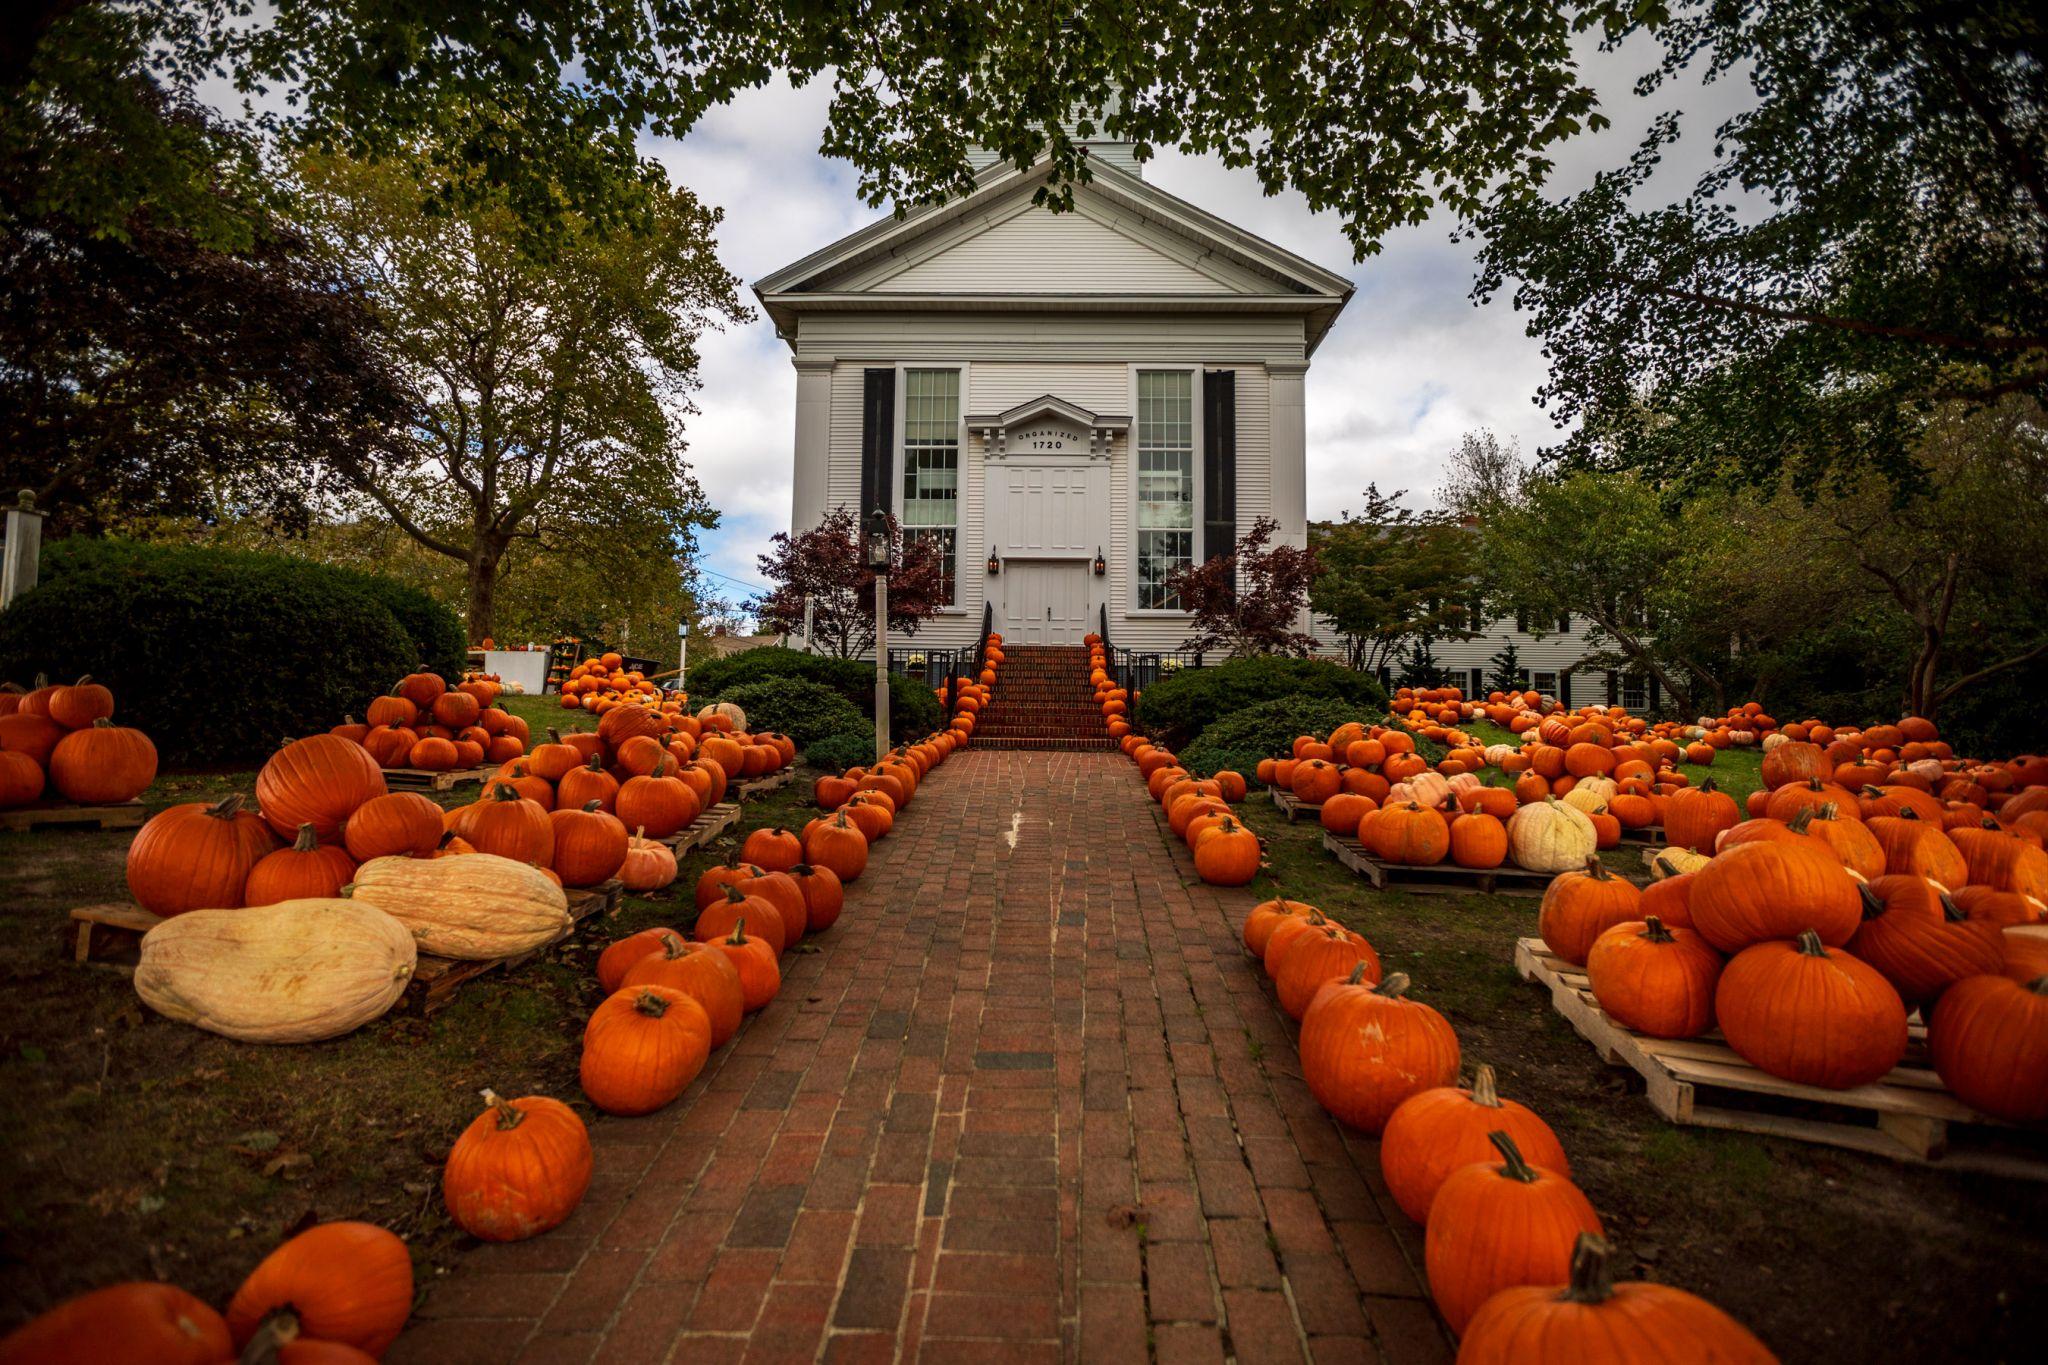 First Congregational Church of Chatham, Halloween Pumpkins, USA